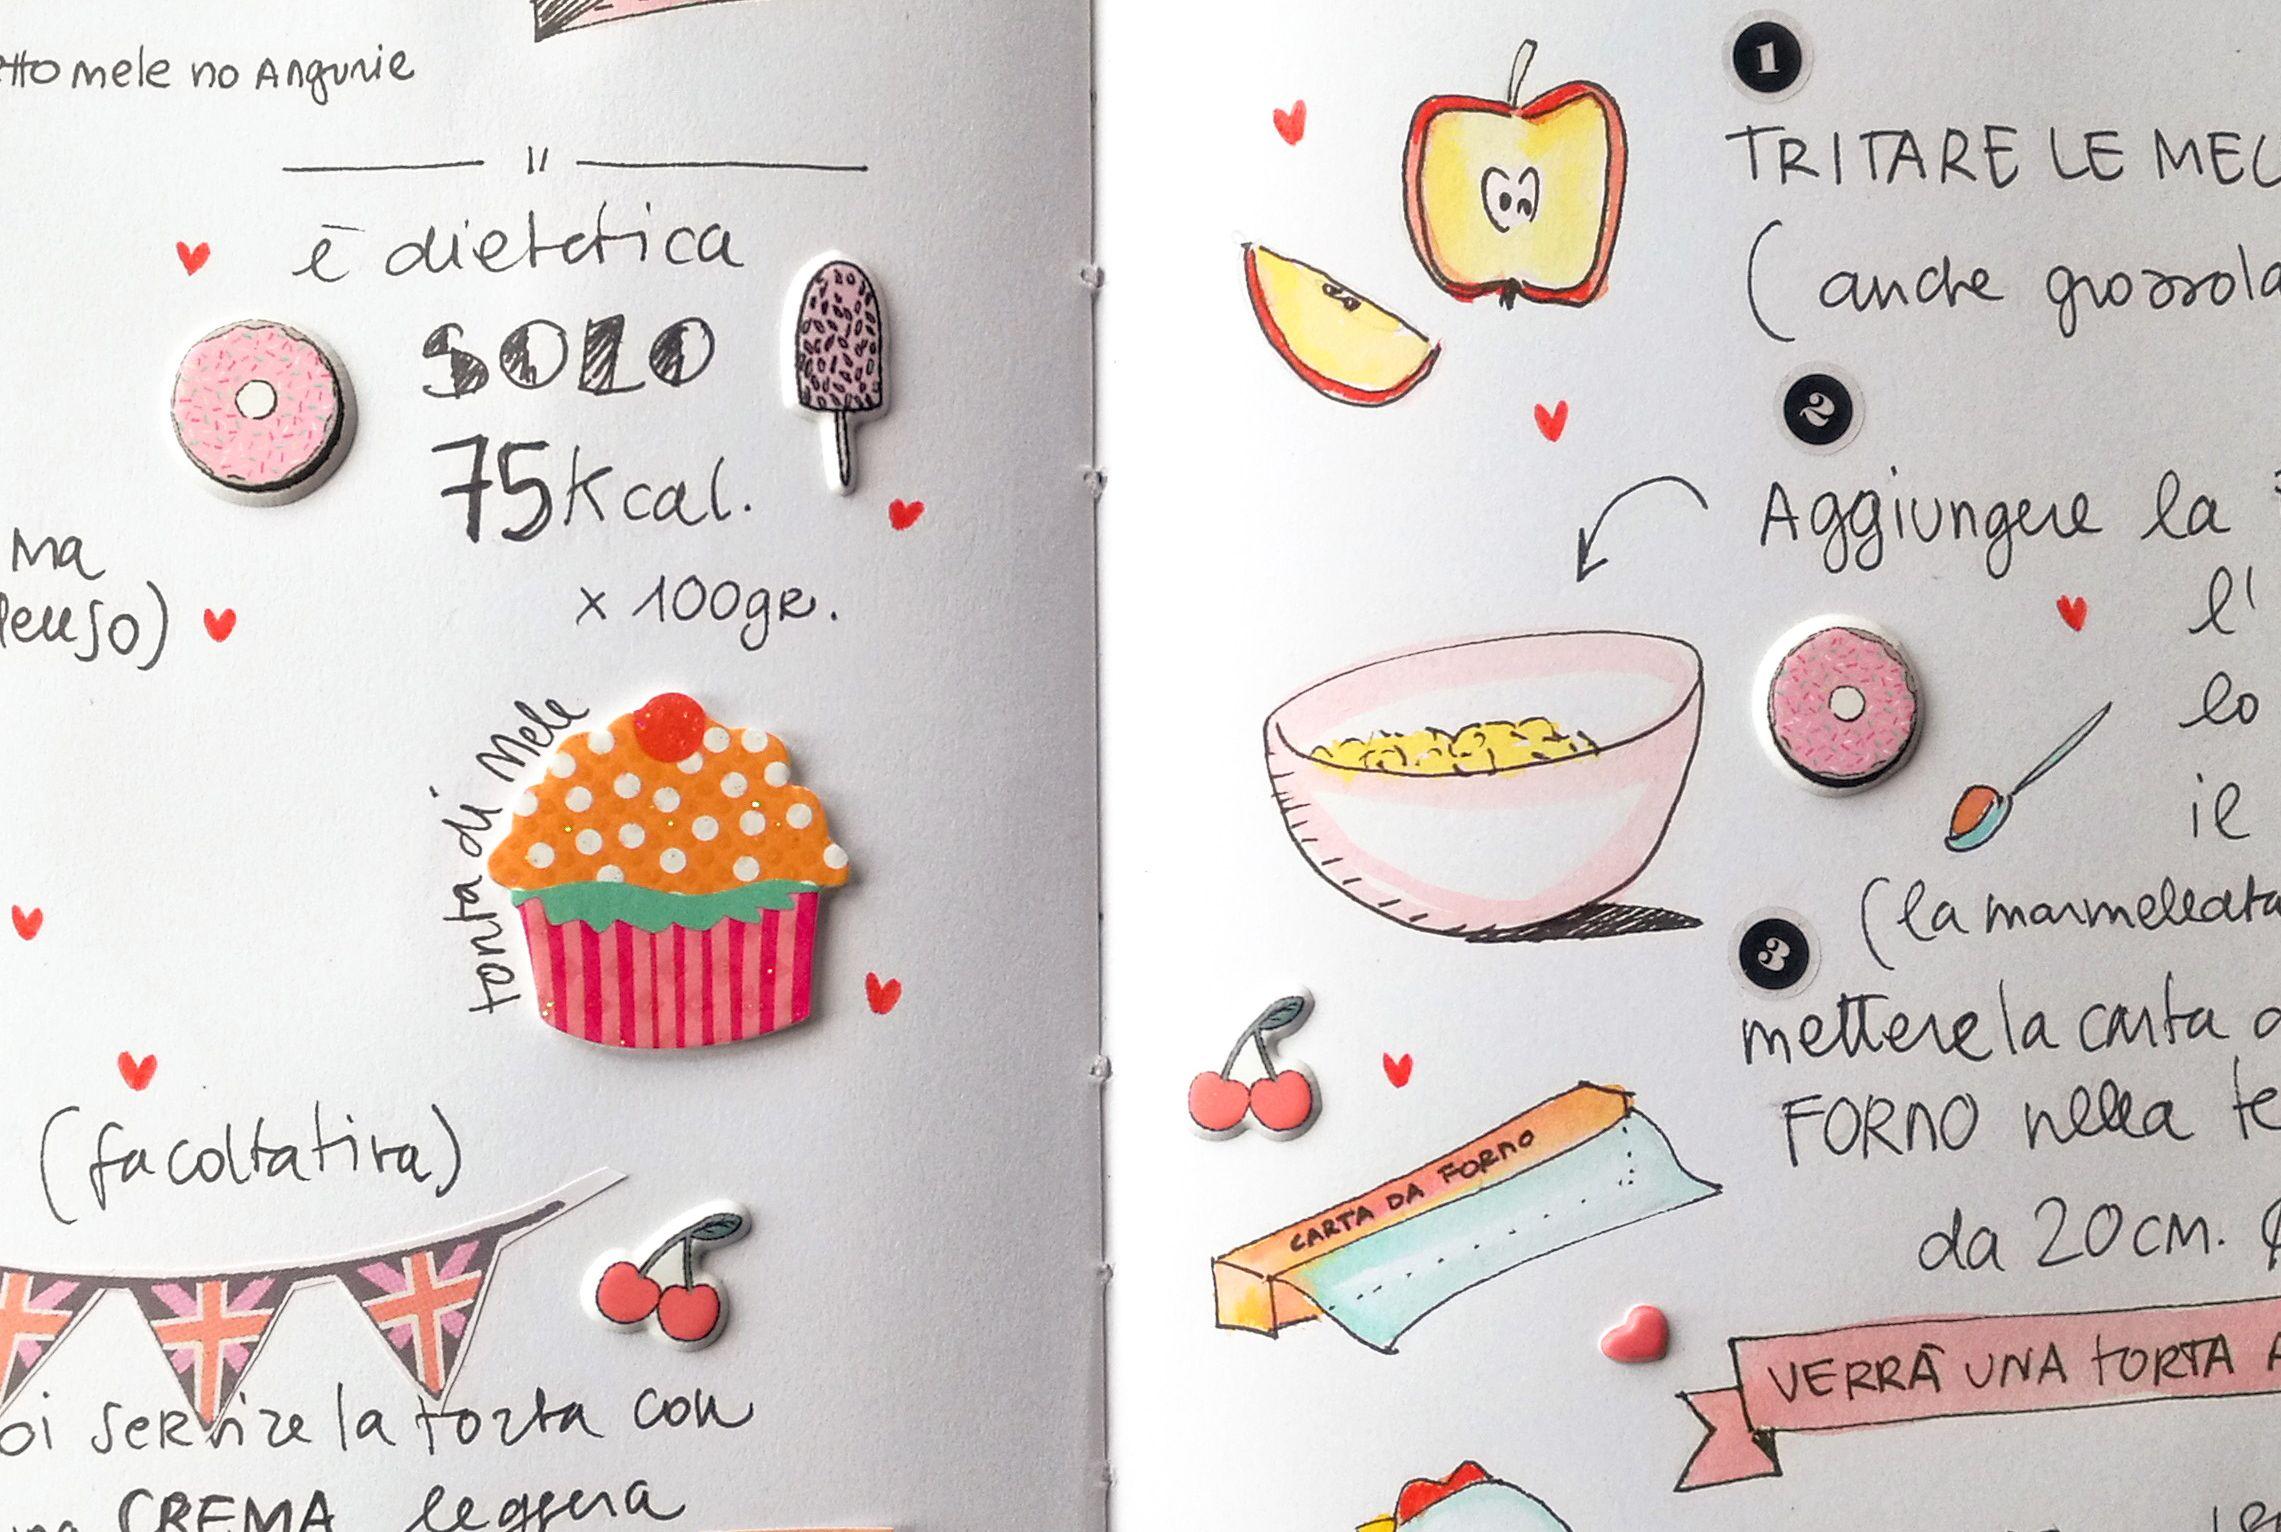 torta di mele dietetica Blossom zine